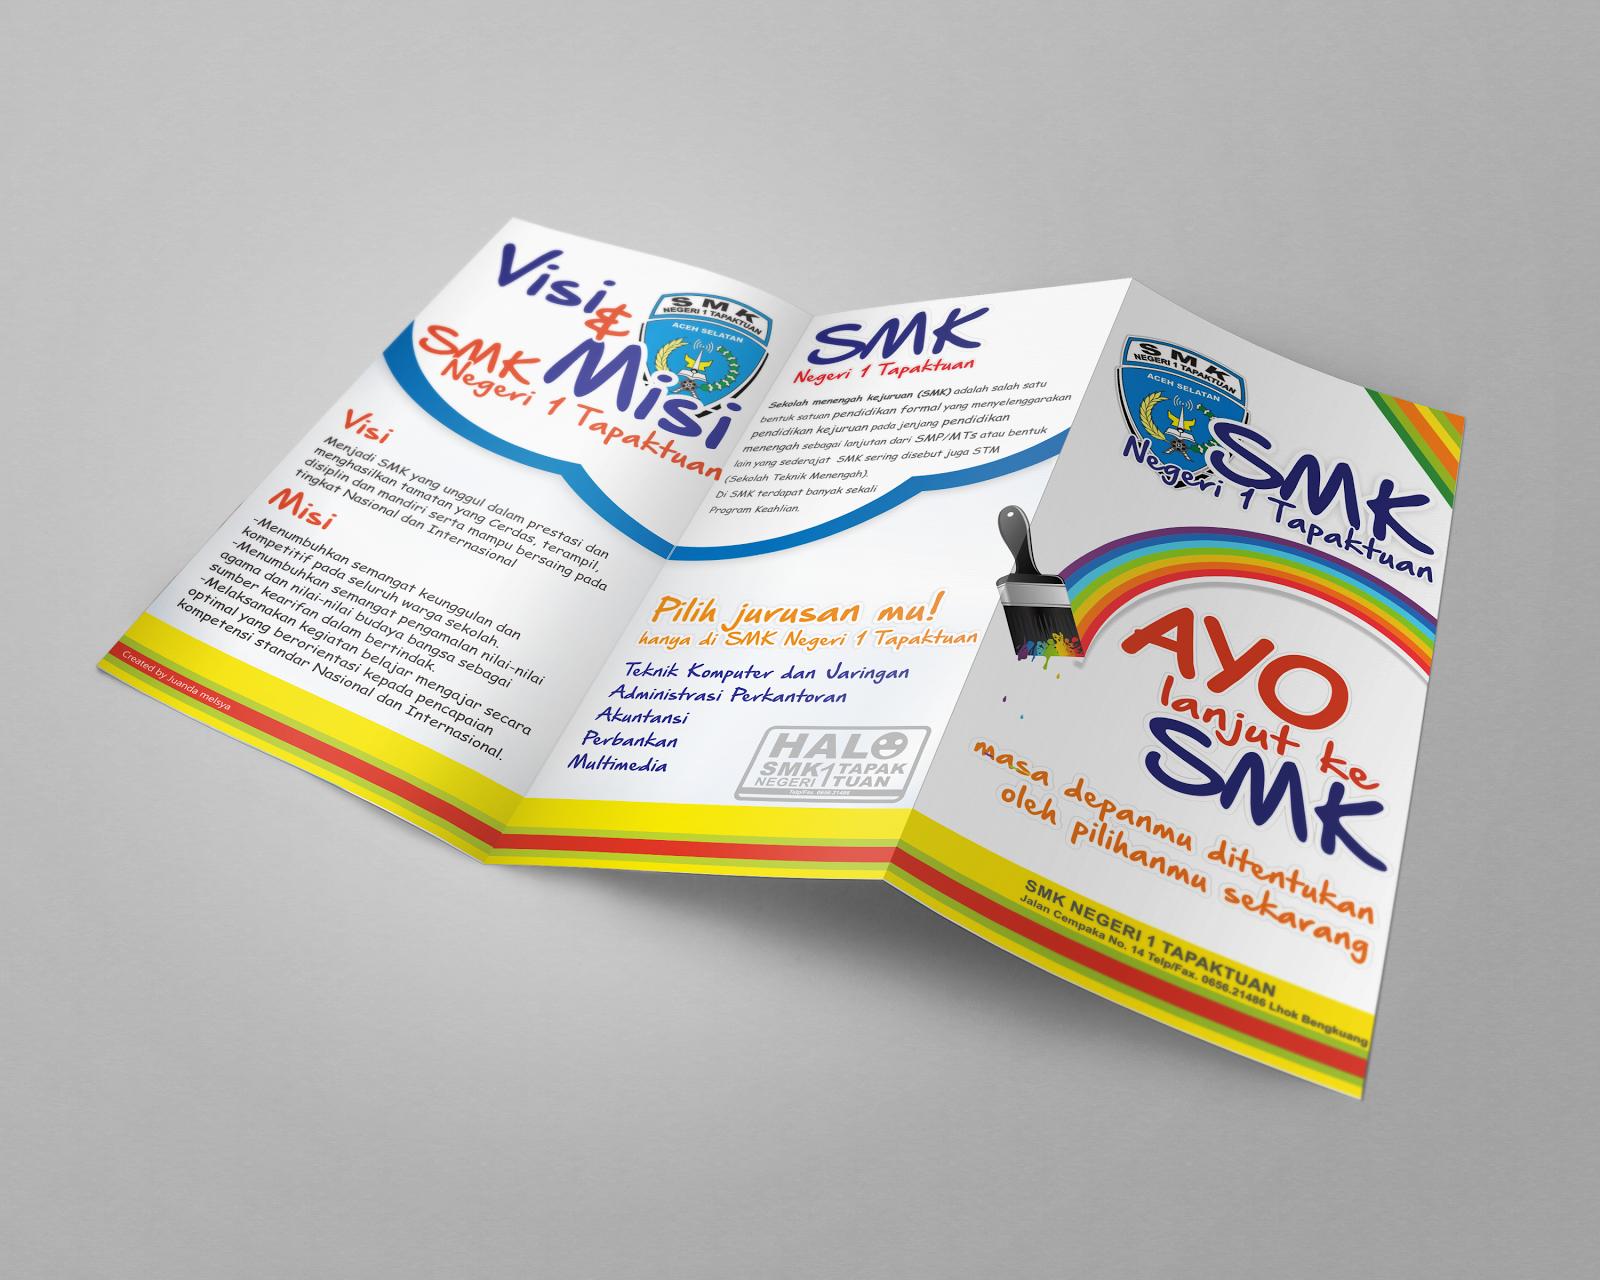 Smk2 584e73fac7